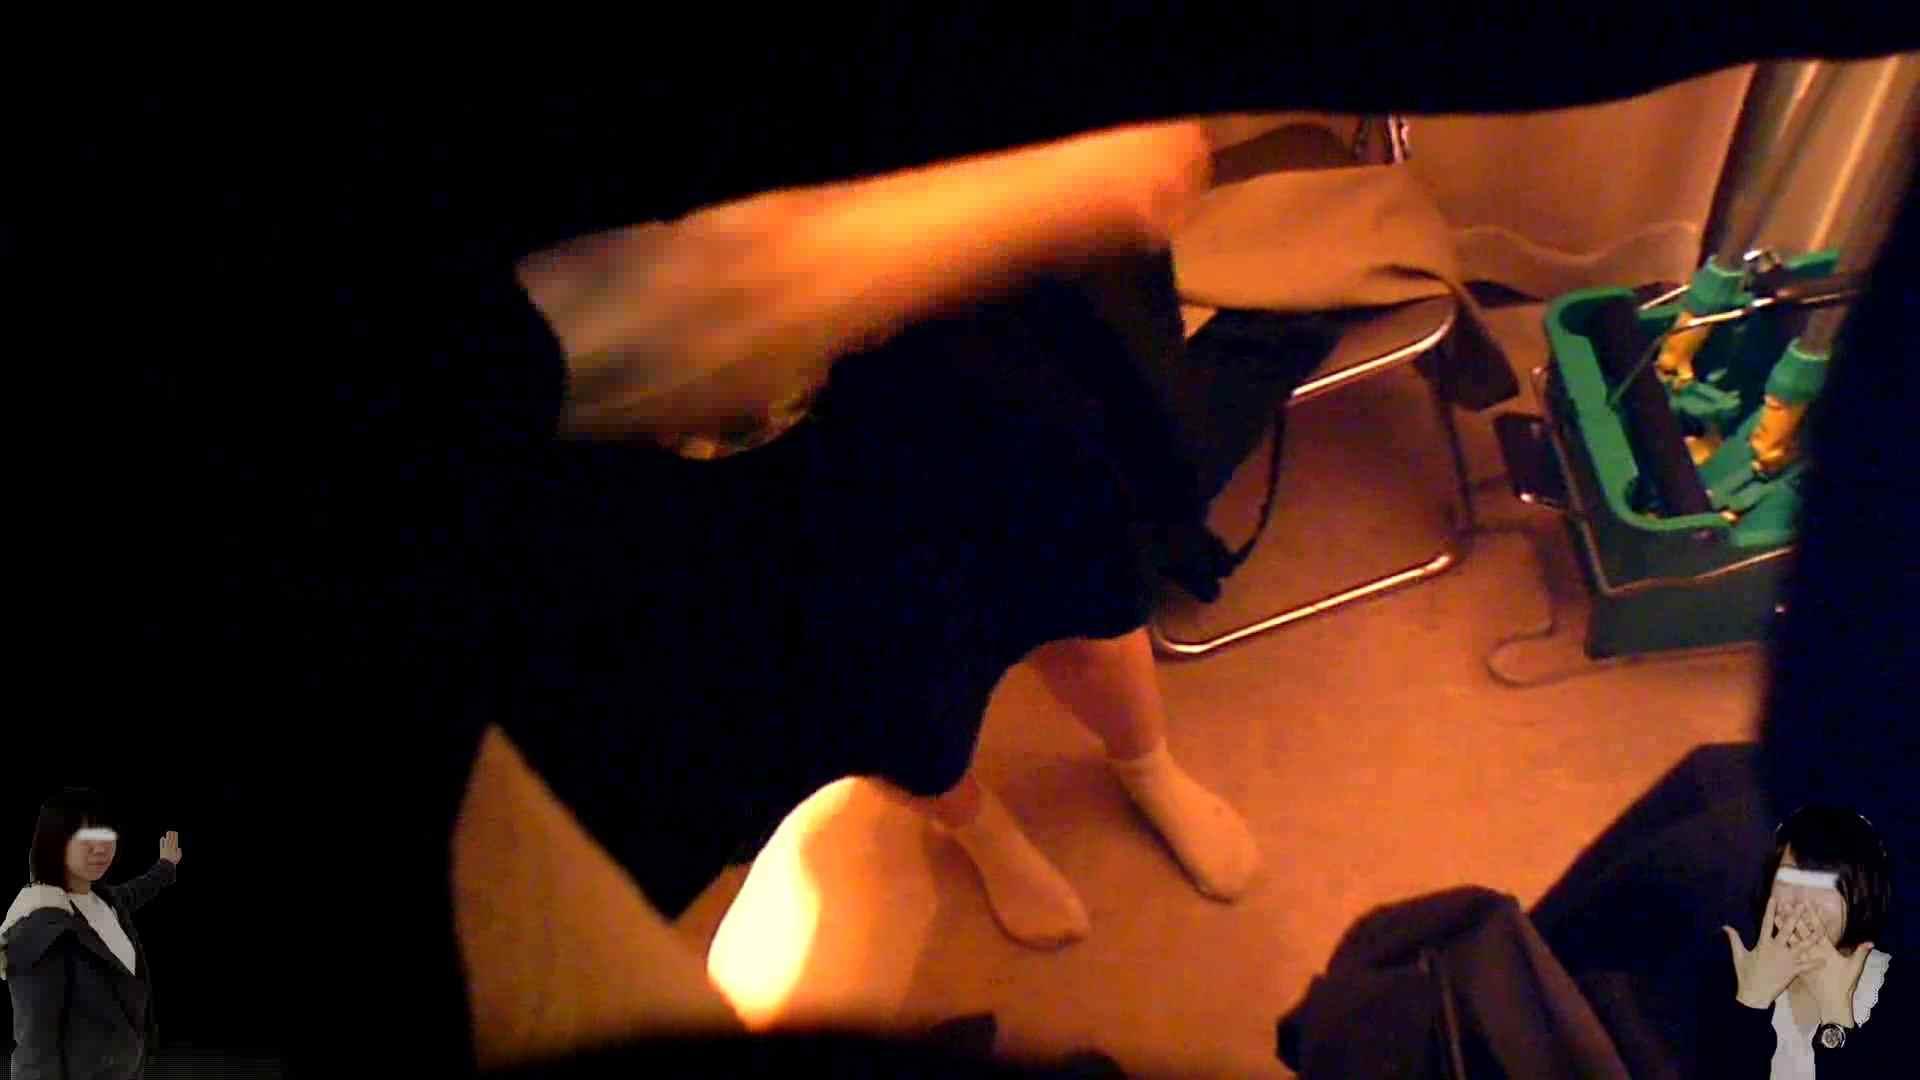 素人投稿 現役「JD」Eちゃんの着替え Vol.04 素人エロ投稿 盗撮動画紹介 60画像 39